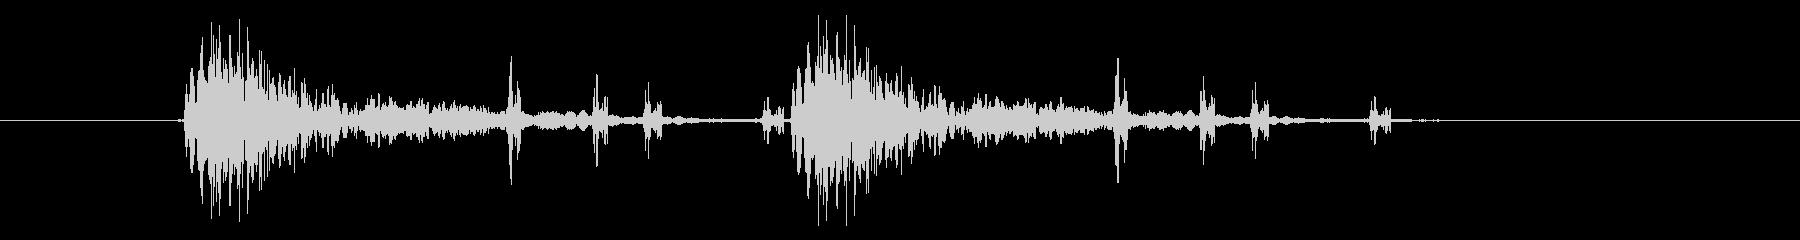 ドンチャチャドンチャチャ(リズムある音)の未再生の波形